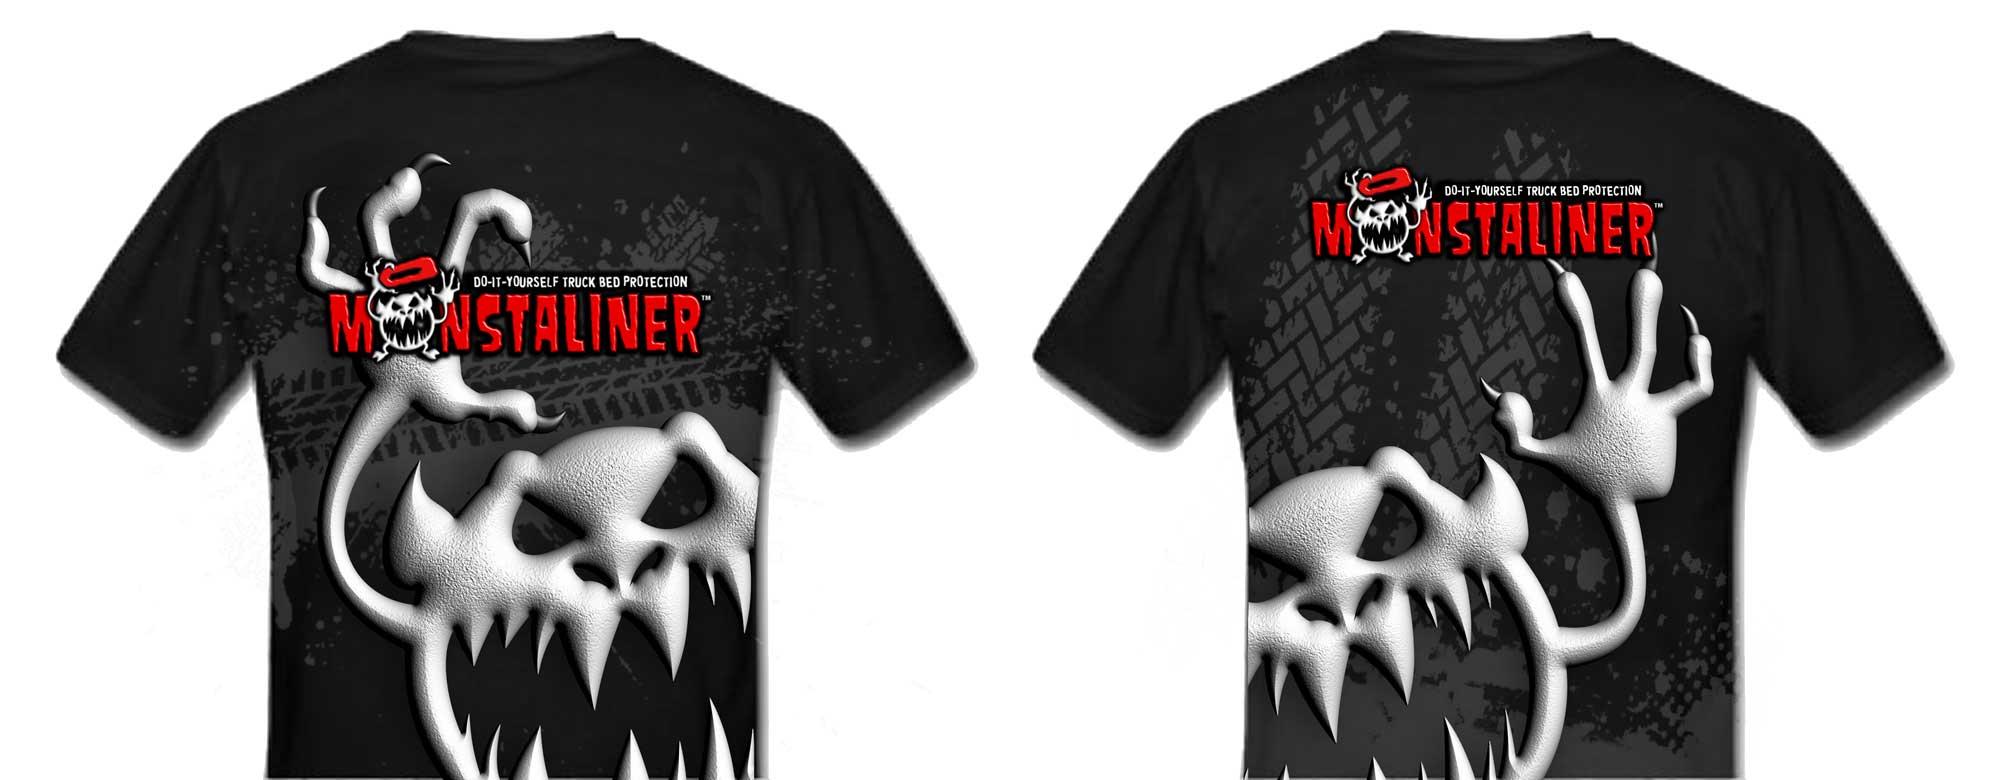 2013-ml-t-shirt-blk.jpg